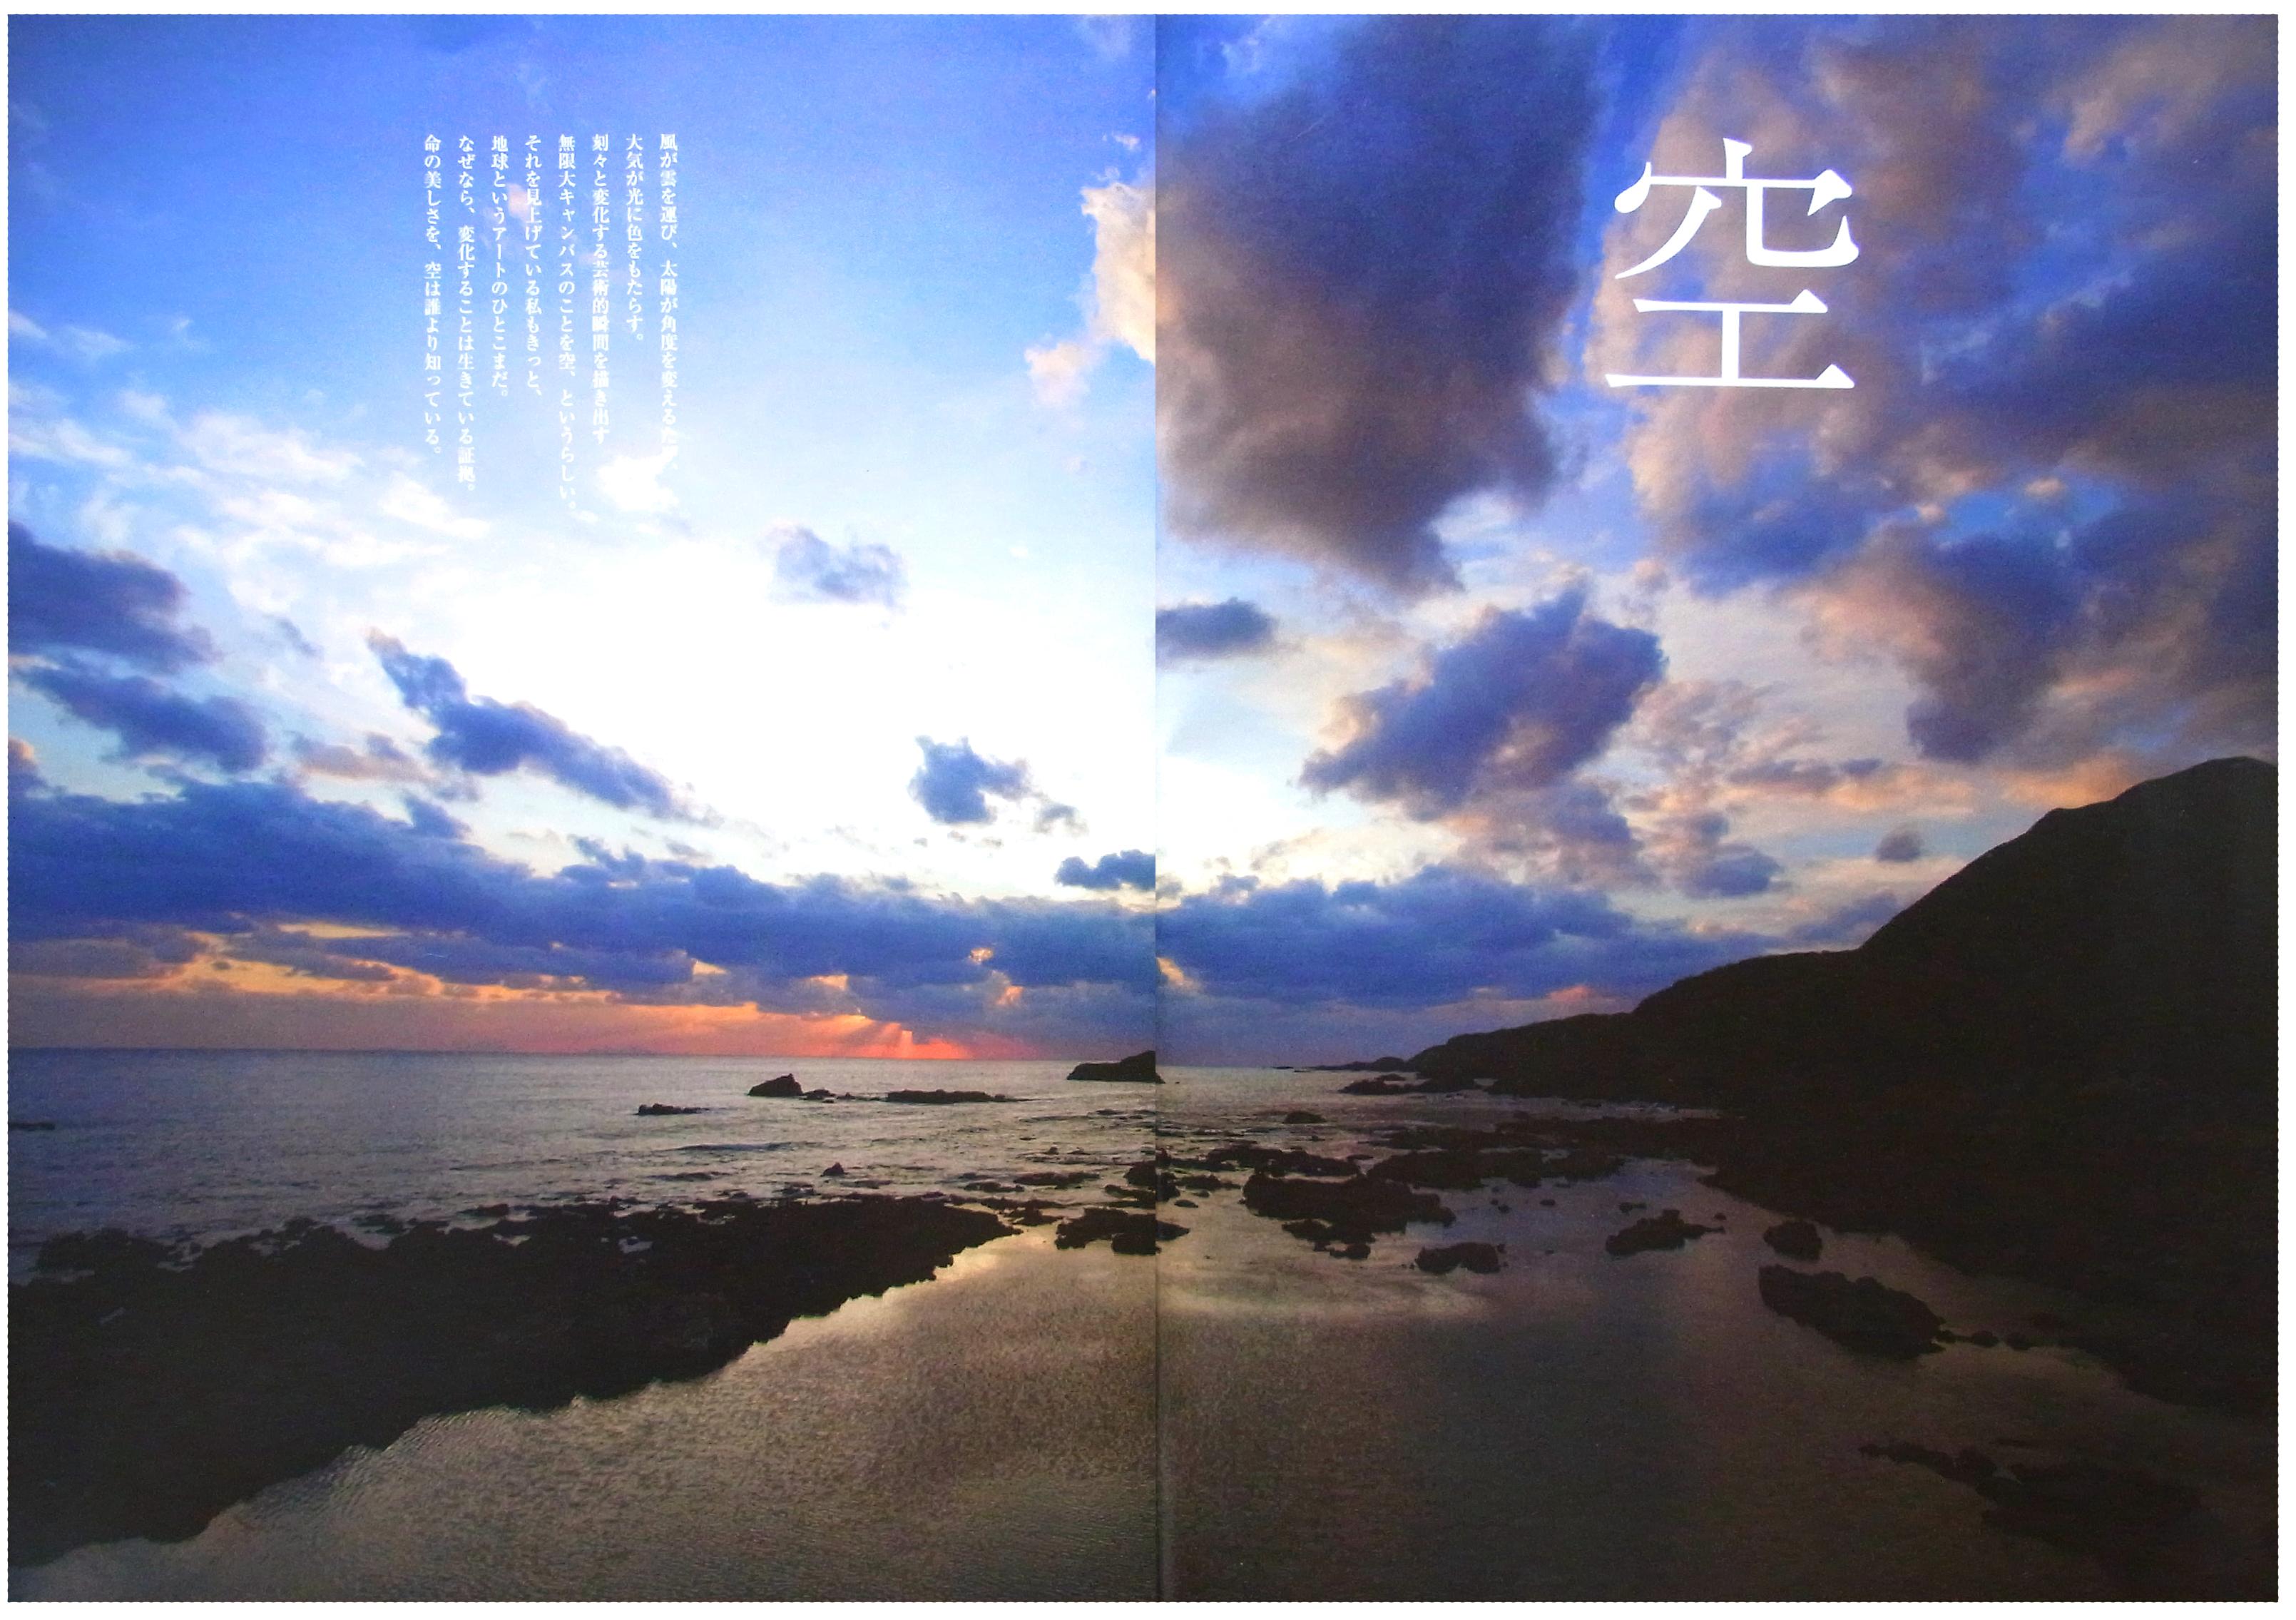 屋久島 bookdesign ryoku yonekawa 米川リョク